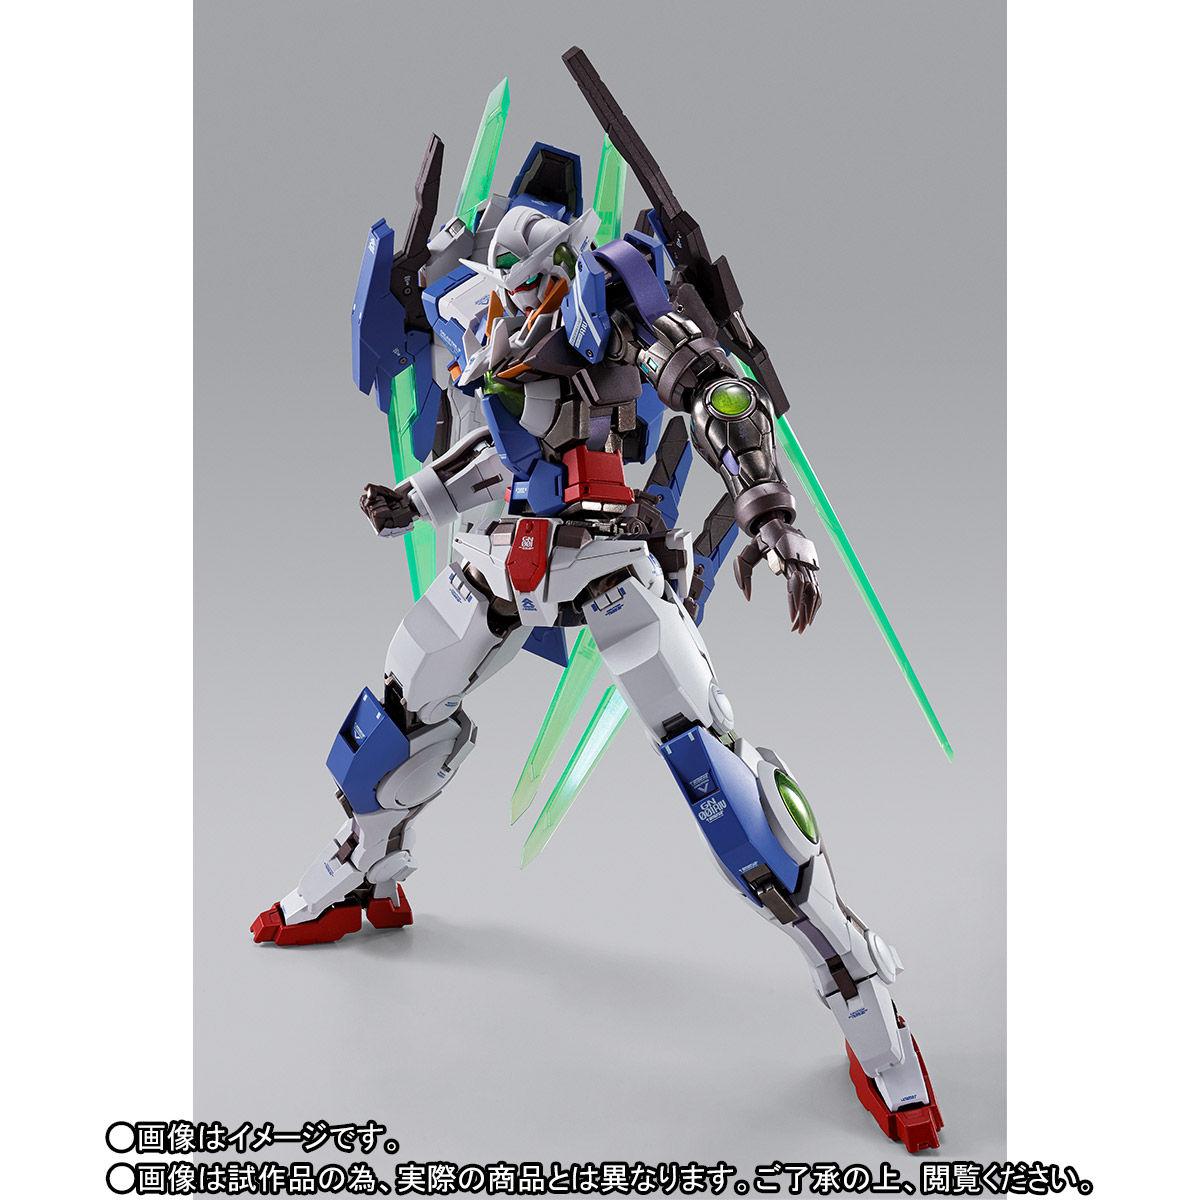 METAL BUILD『ガンダムエクシアリペアIV』機動戦士ガンダム00 可動フィギュア-010